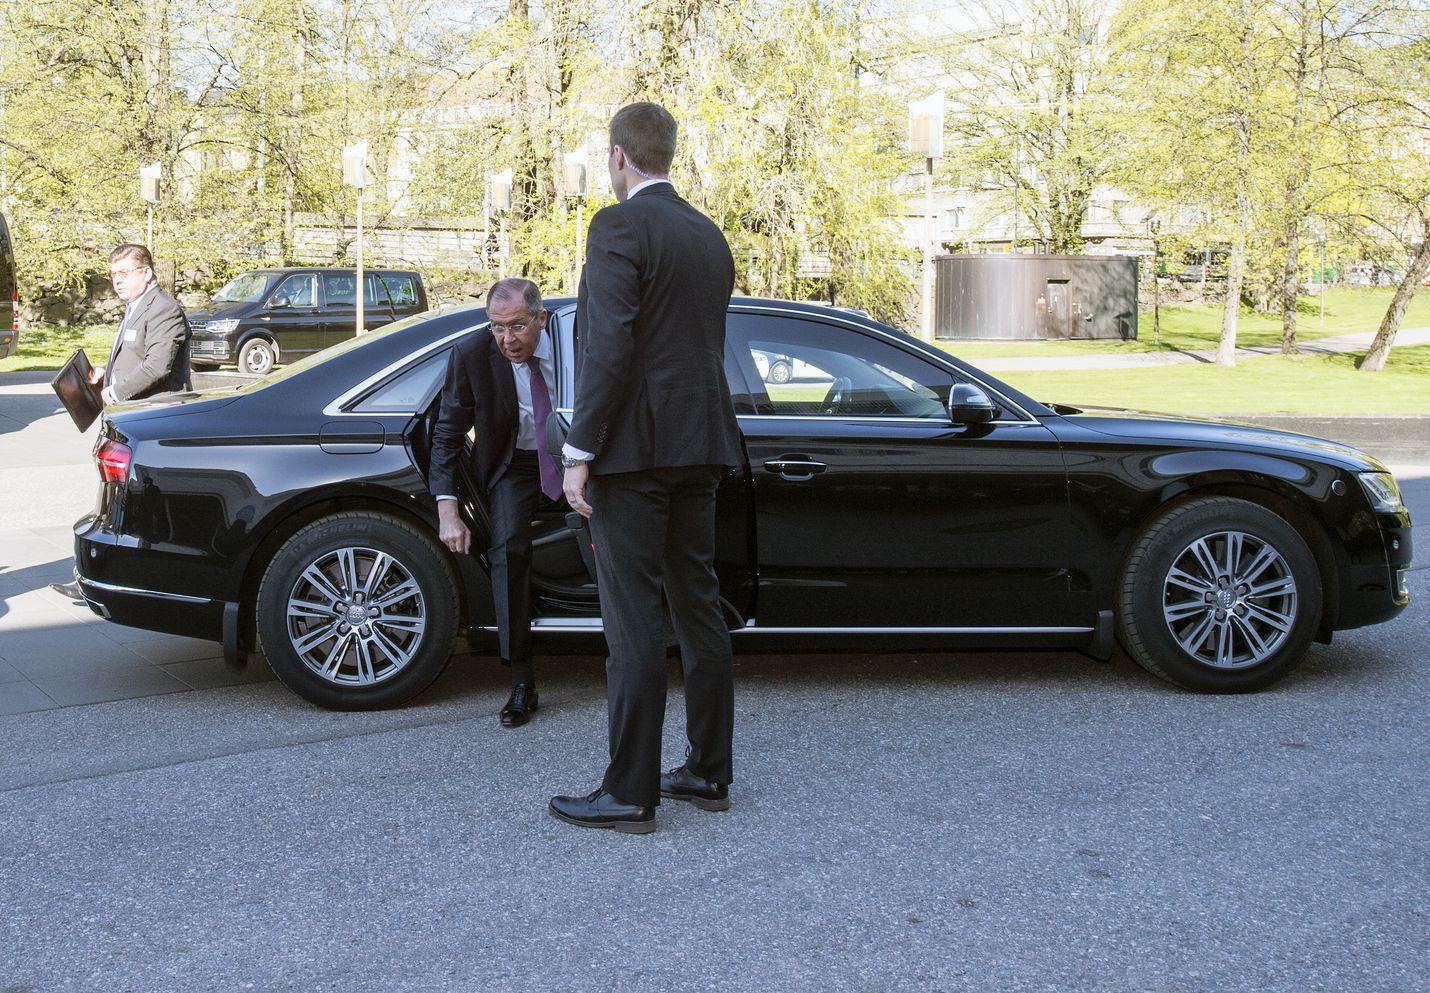 Venäjän ulkoministeri Sergei Lavrov saapui Finlandia-talolle perjantaiaamuna. Helsingin-kokouksella on merkittävä vaikutus Venäjän tulevaan rooliin Euroopan neuvostossa.